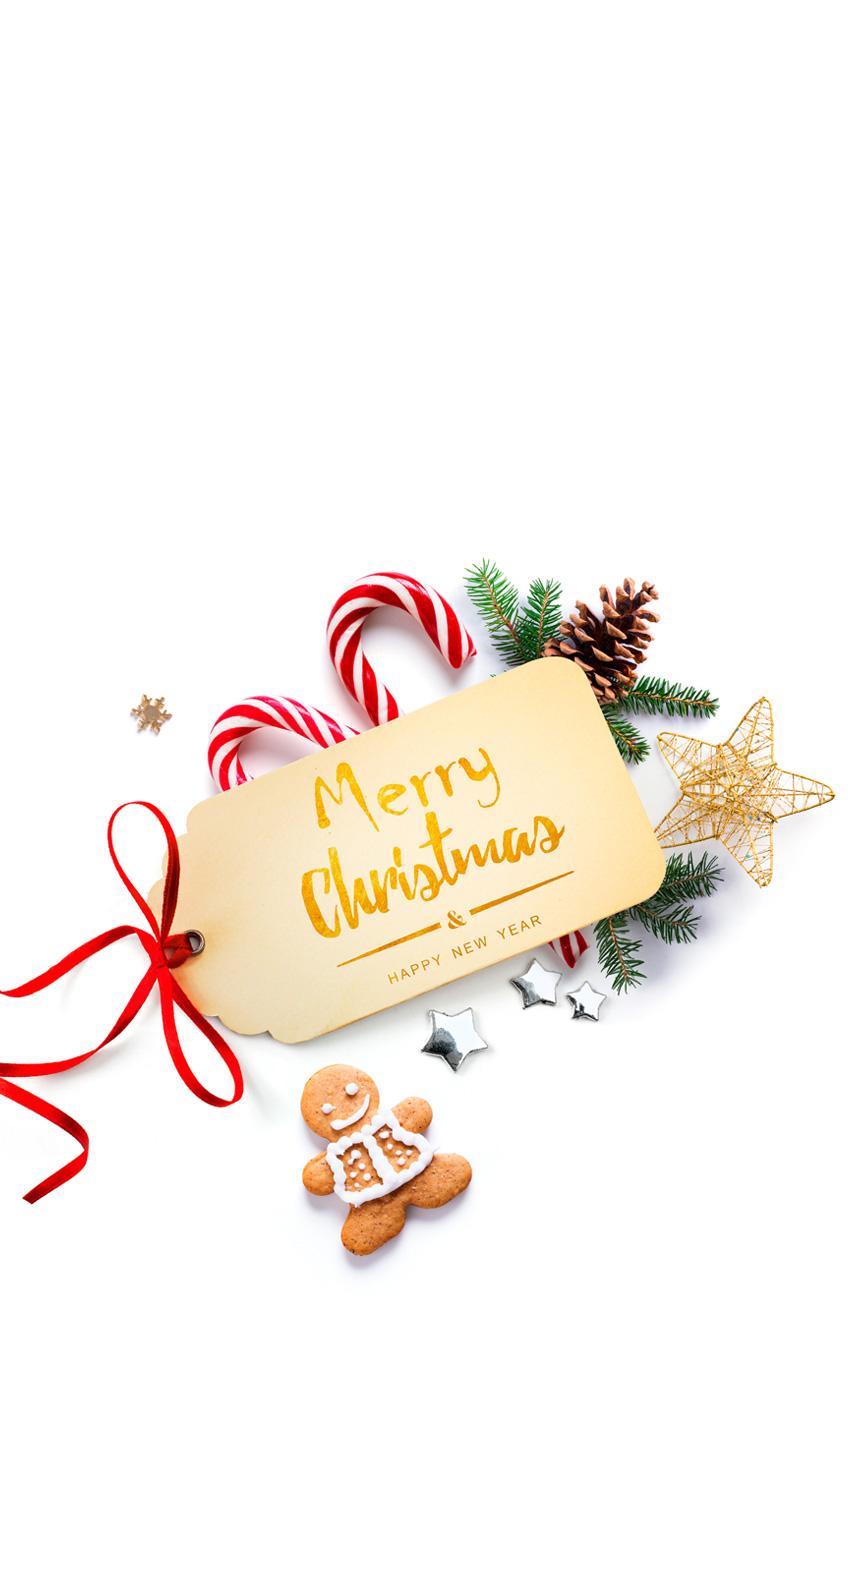 Christmas, product